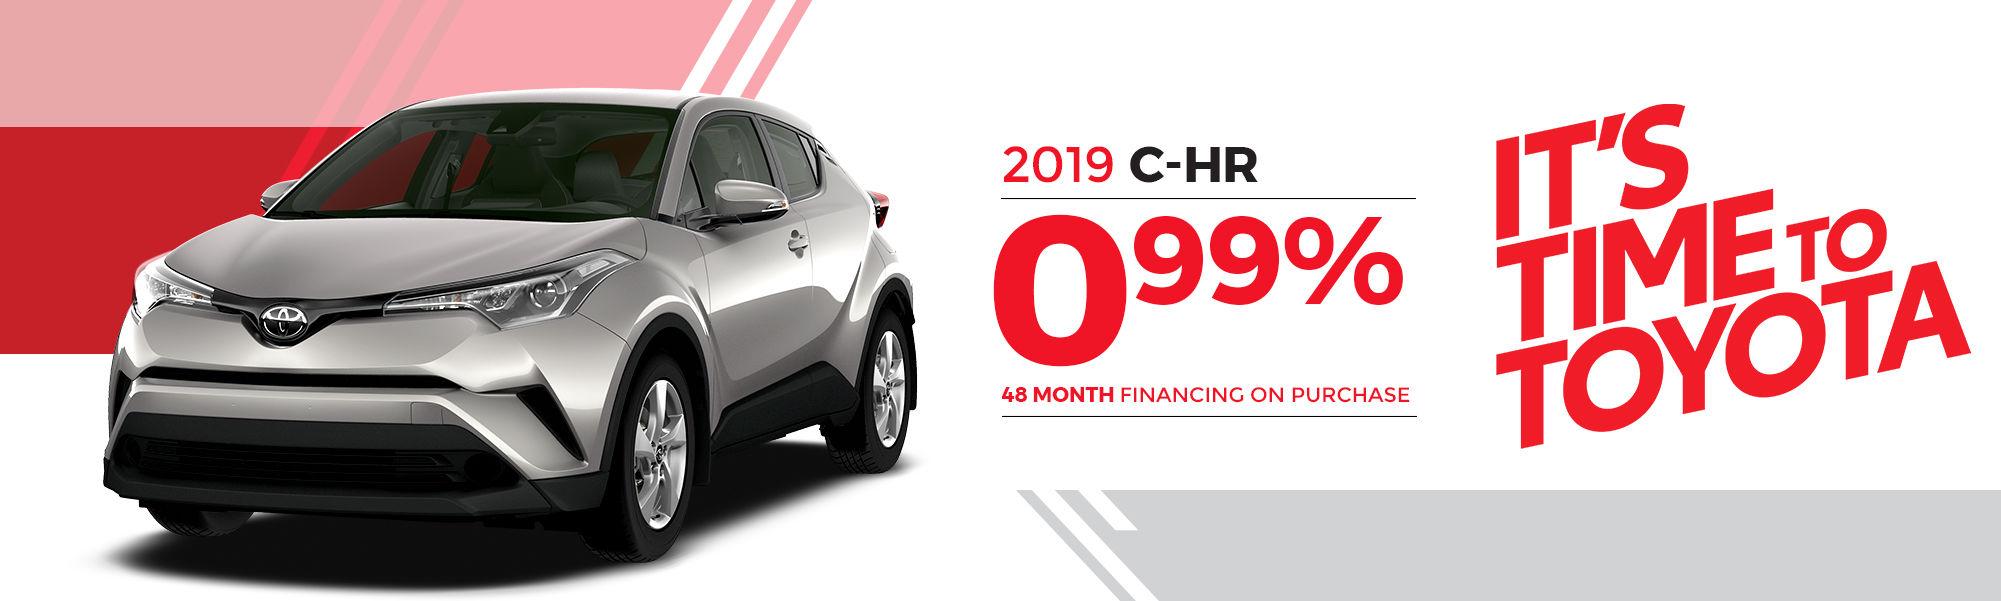 2019 C-HR